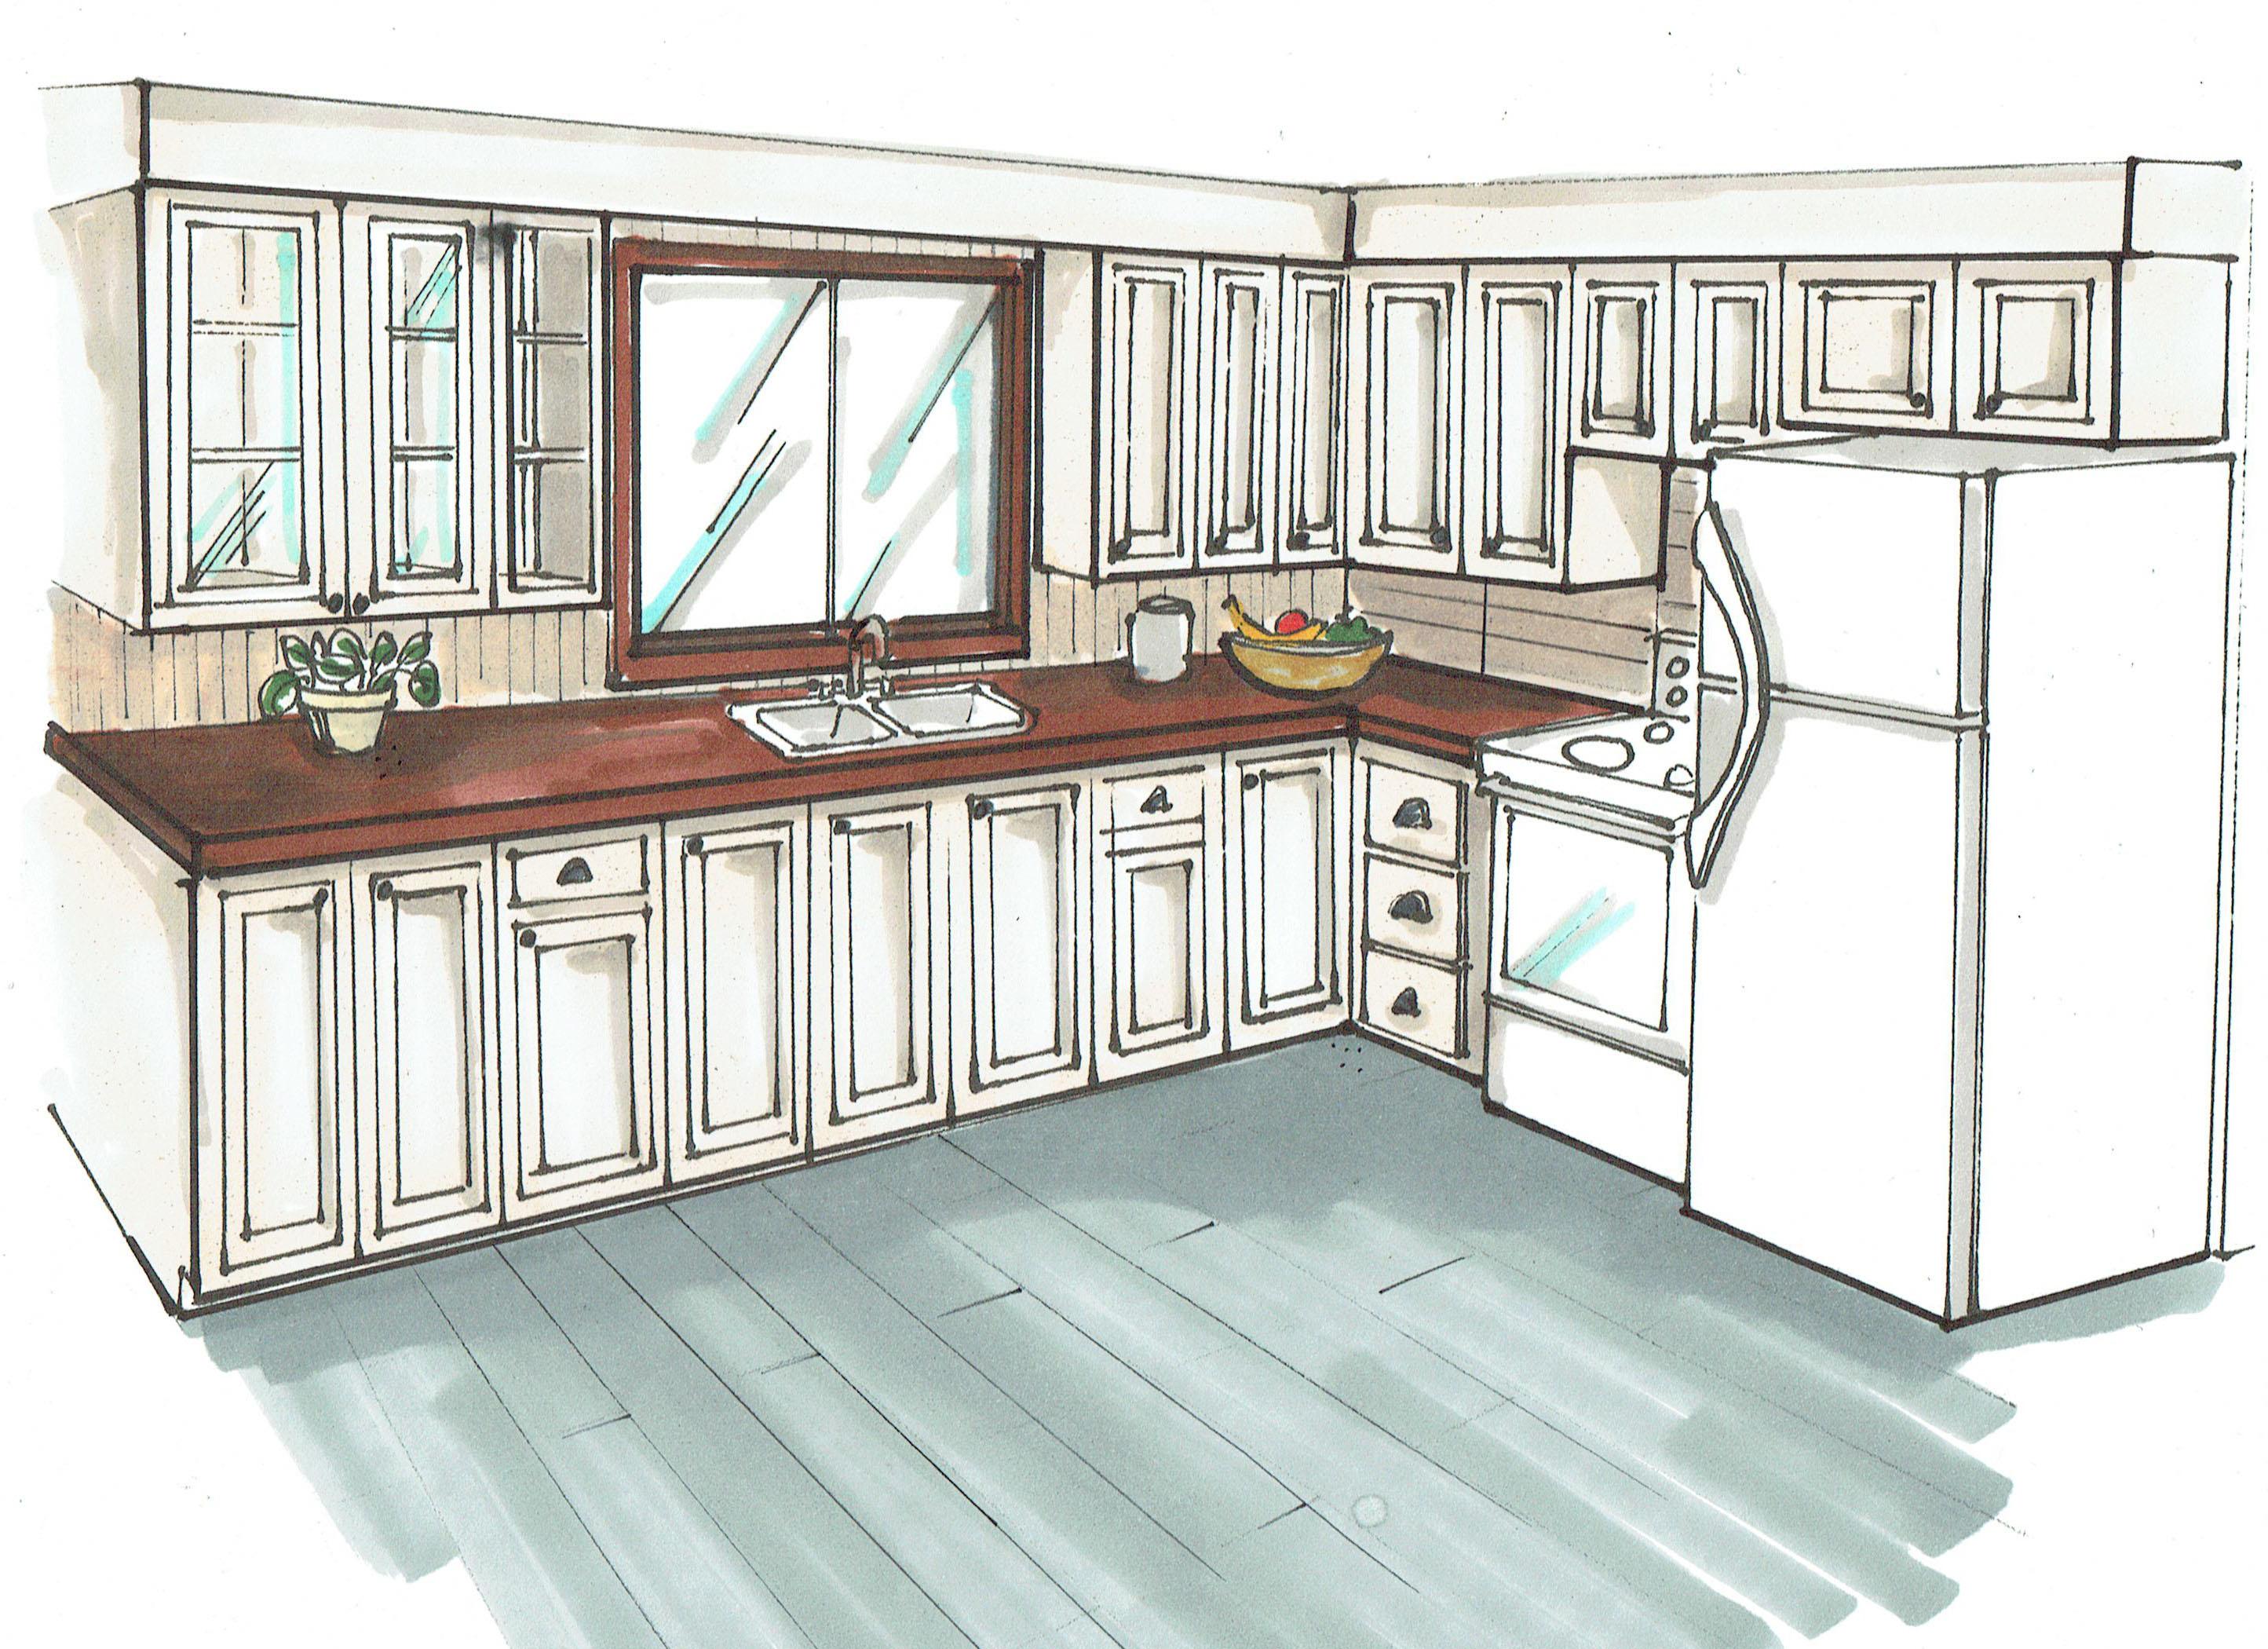 Comment dessiner une cuisine en perspective - Dessiner plan cuisine ...